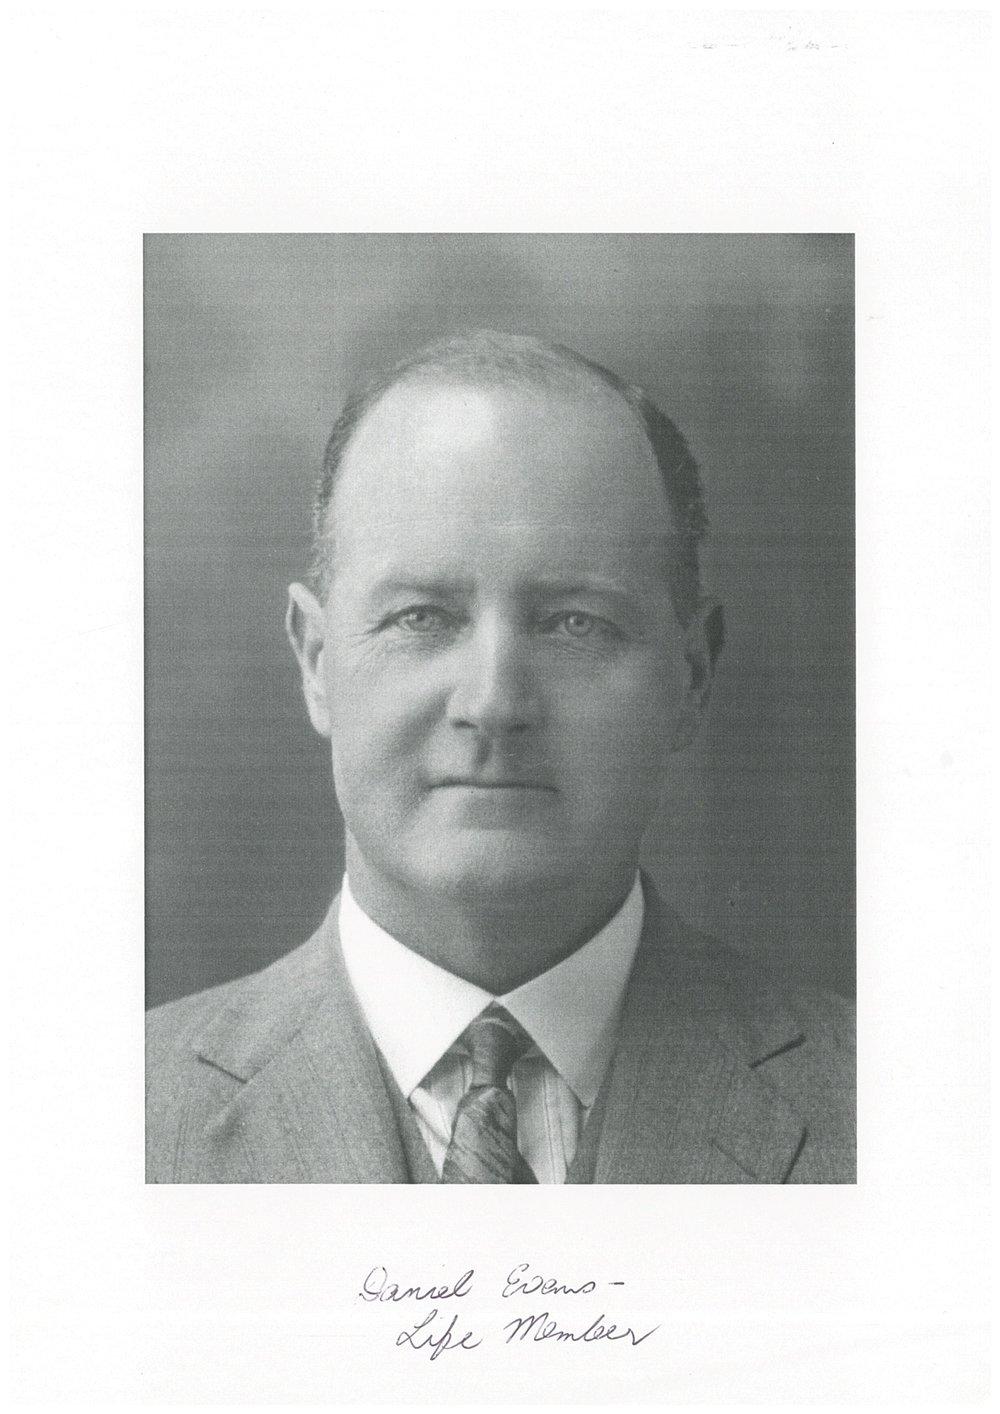 1949 - col. d.e.Evans